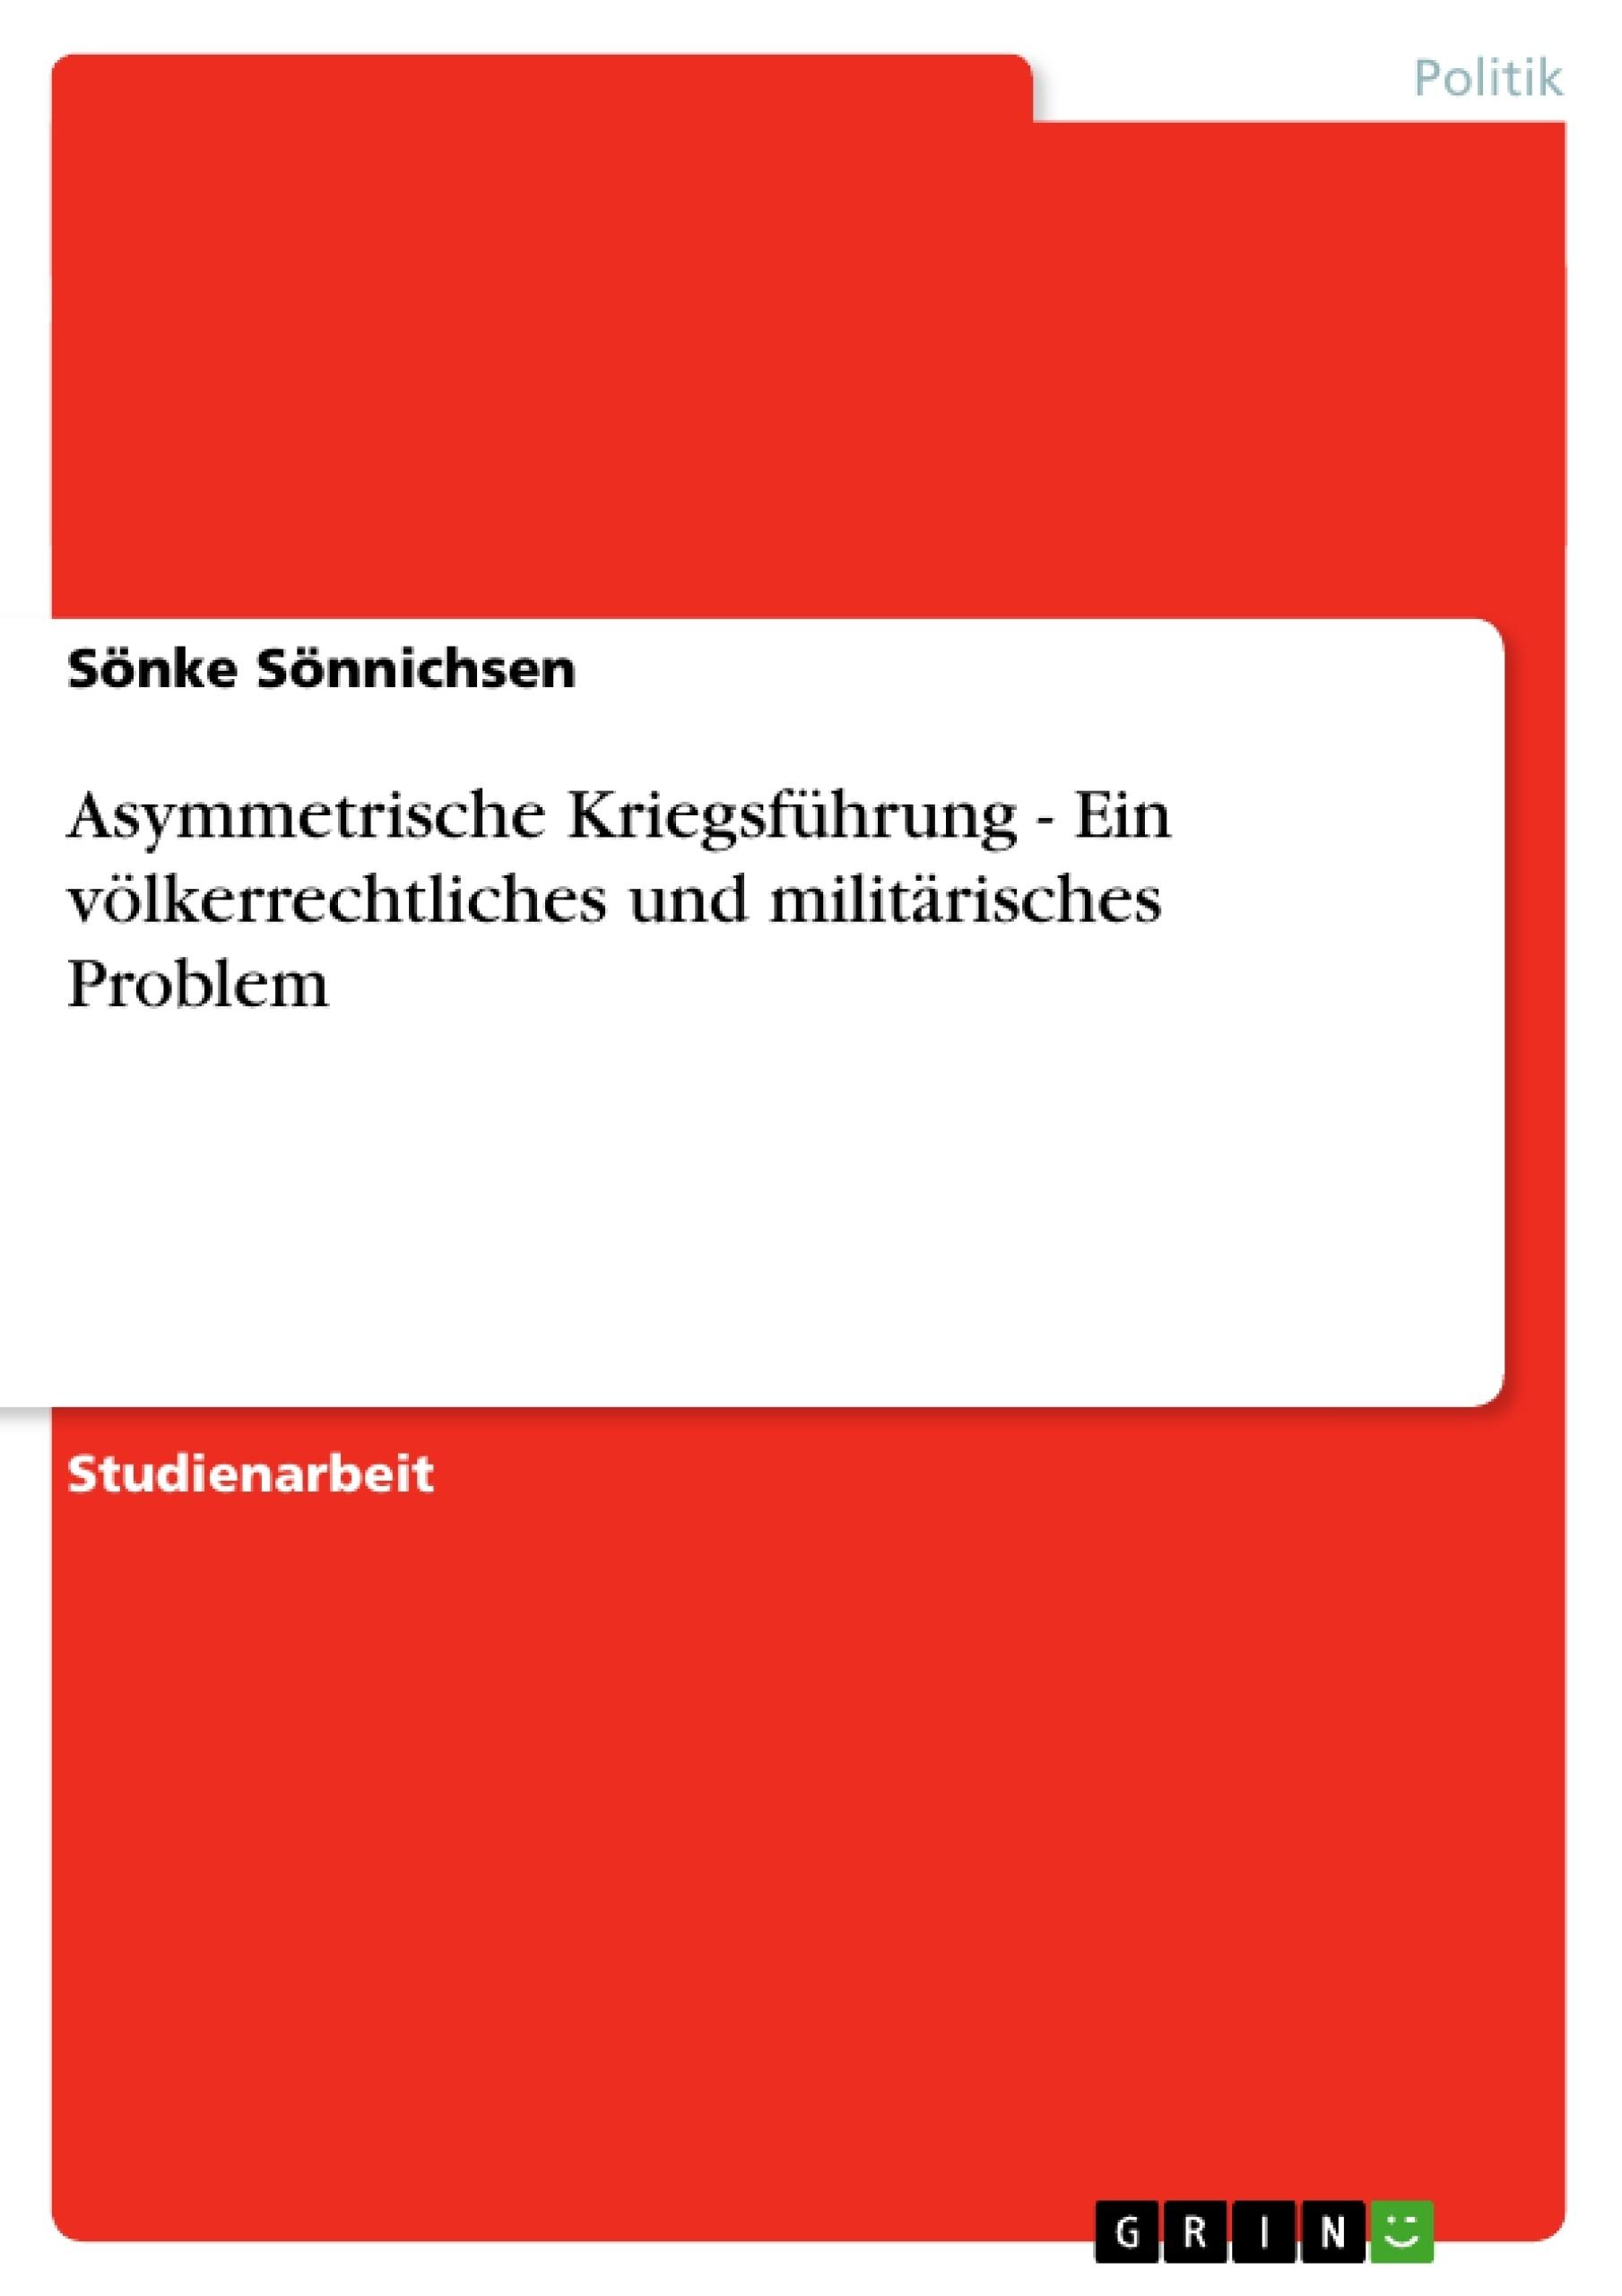 Titel: Asymmetrische Kriegsführung - Ein völkerrechtliches und militärisches Problem